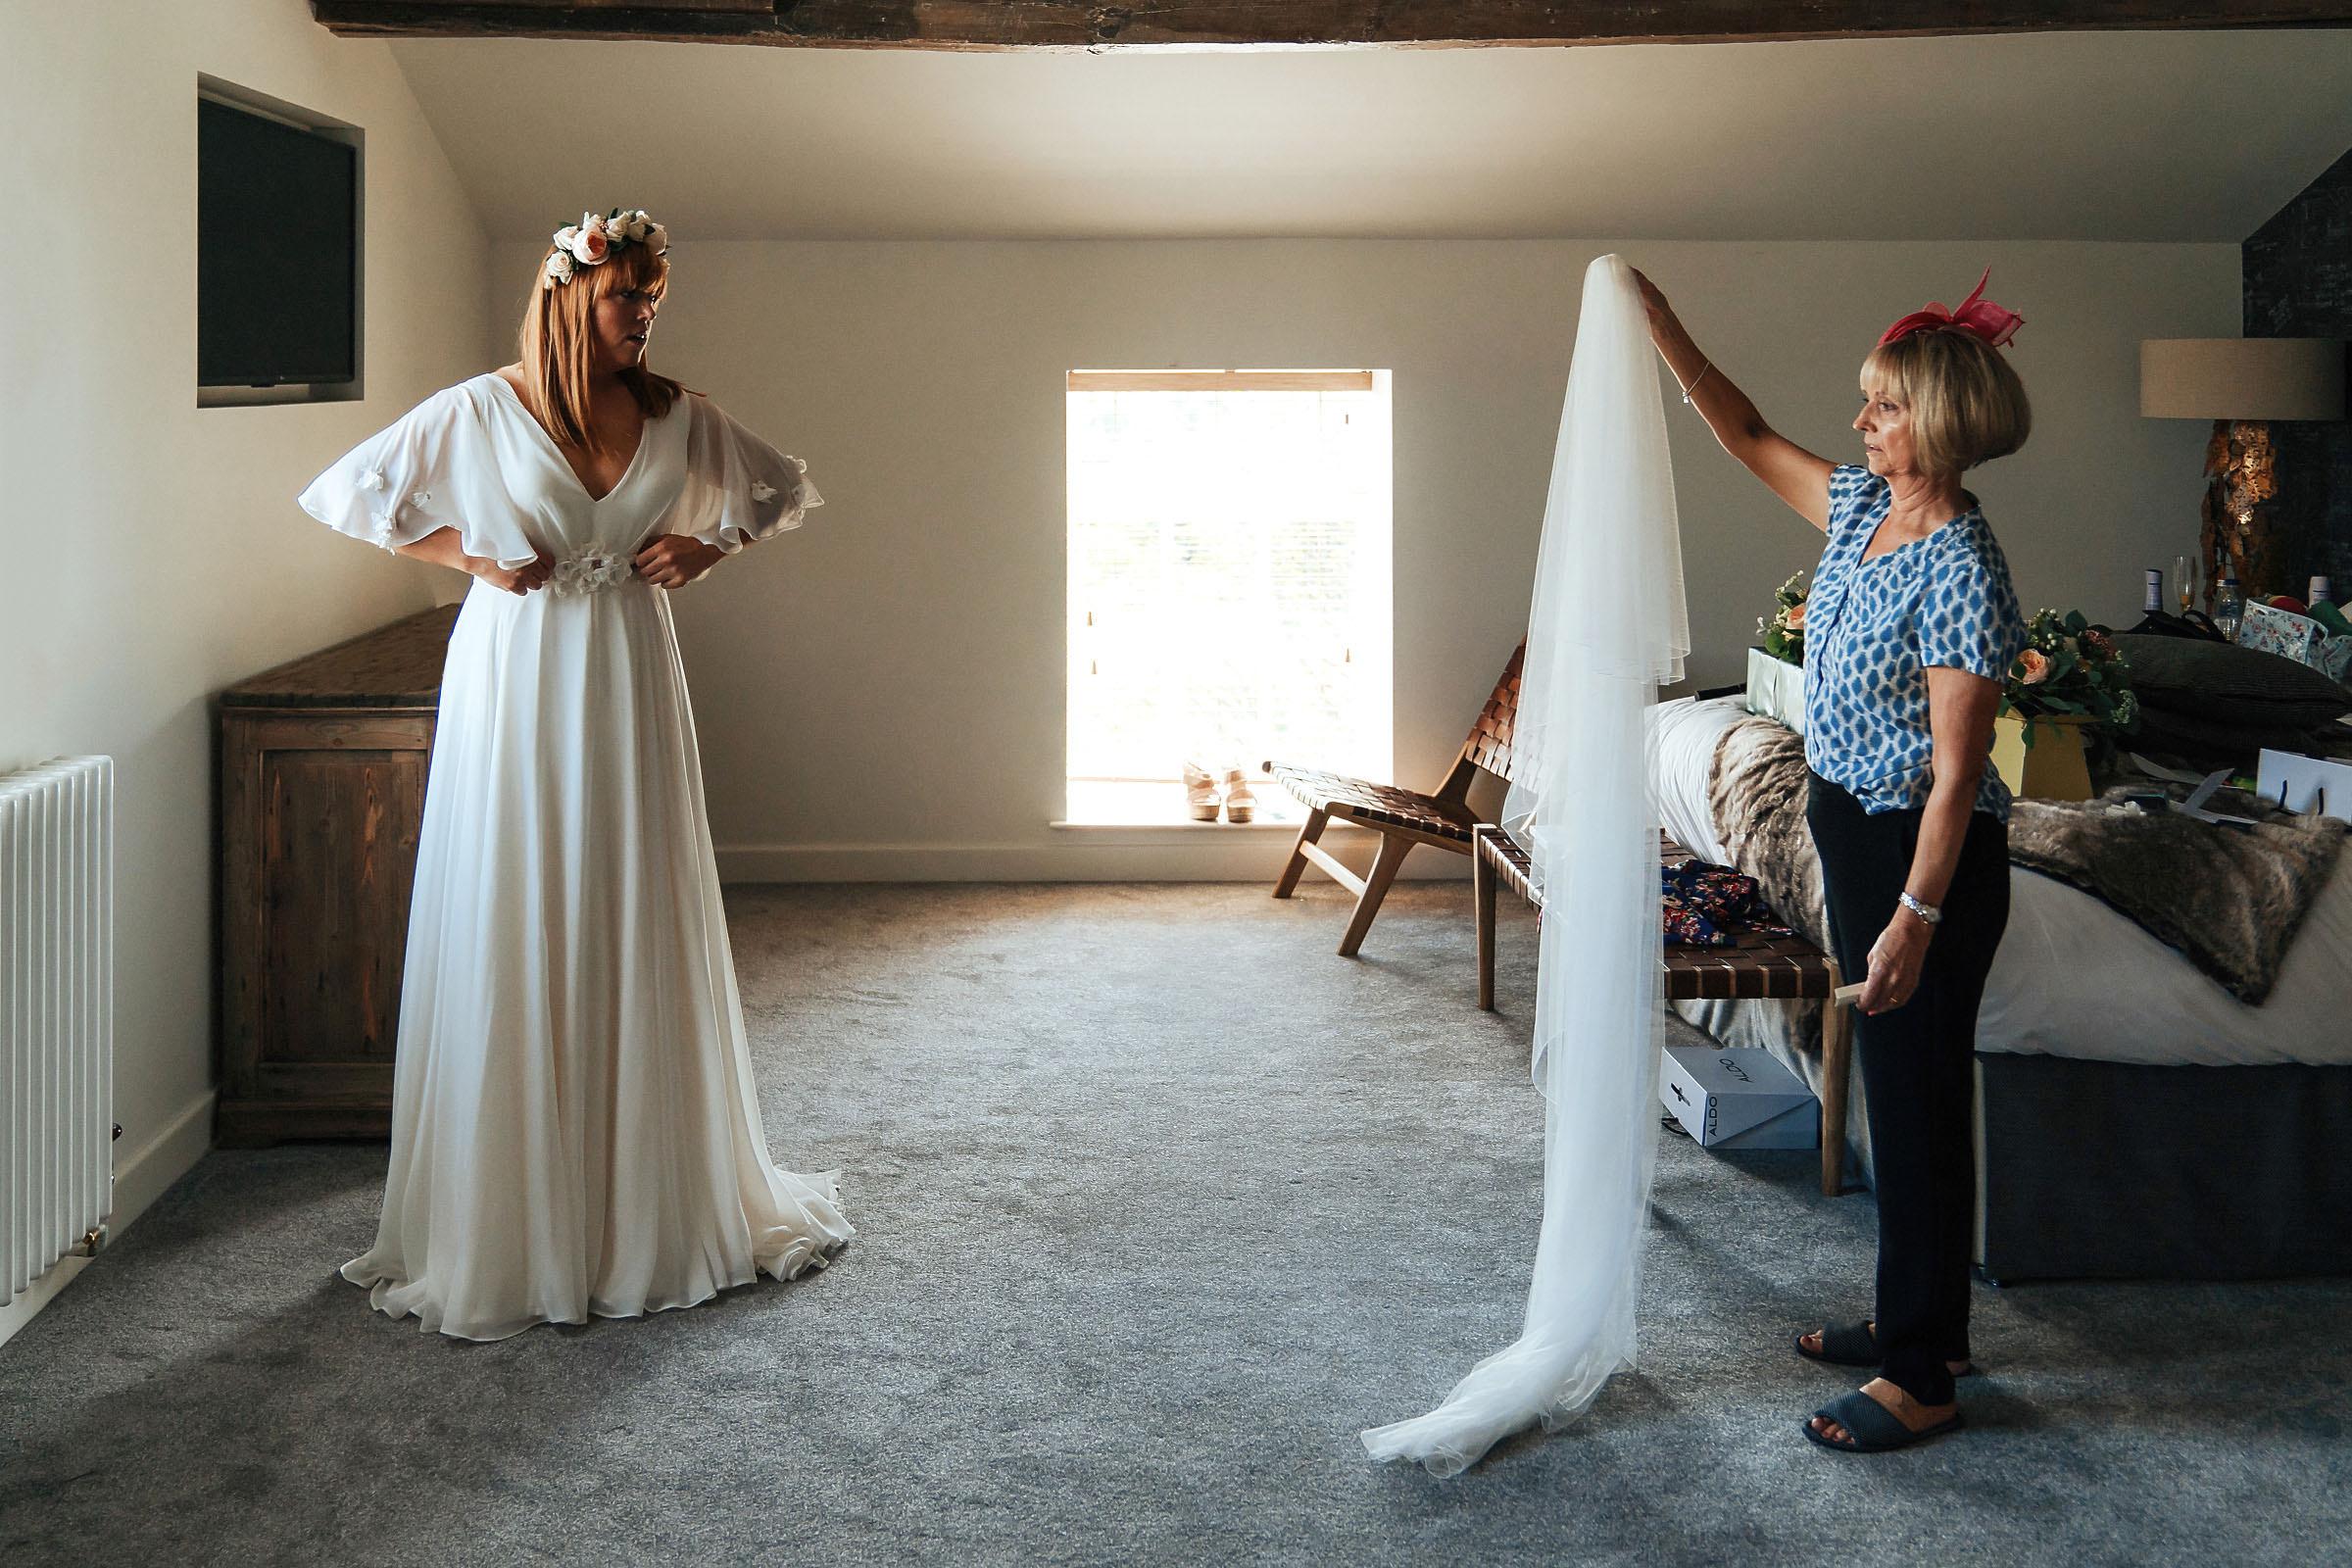 bride looking at wedding veil in bridal suite